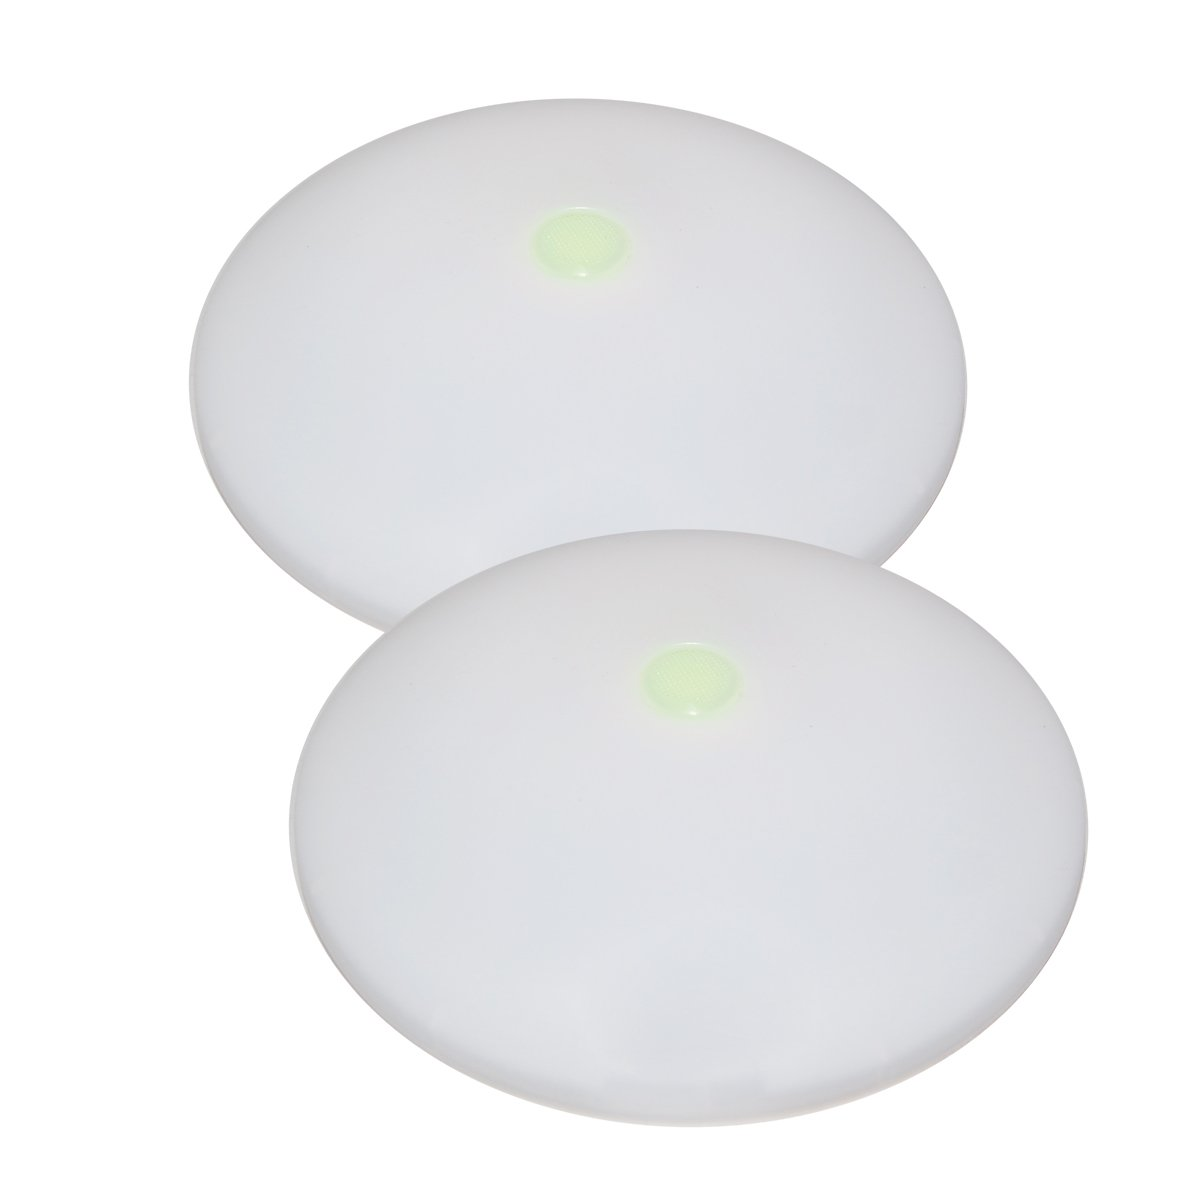 Dream Lighting 2X Plafoniera a LED con Interruttore 12v Auto Camper Barca Soffitto 114MM Tondo Lampada Bianco Caldo